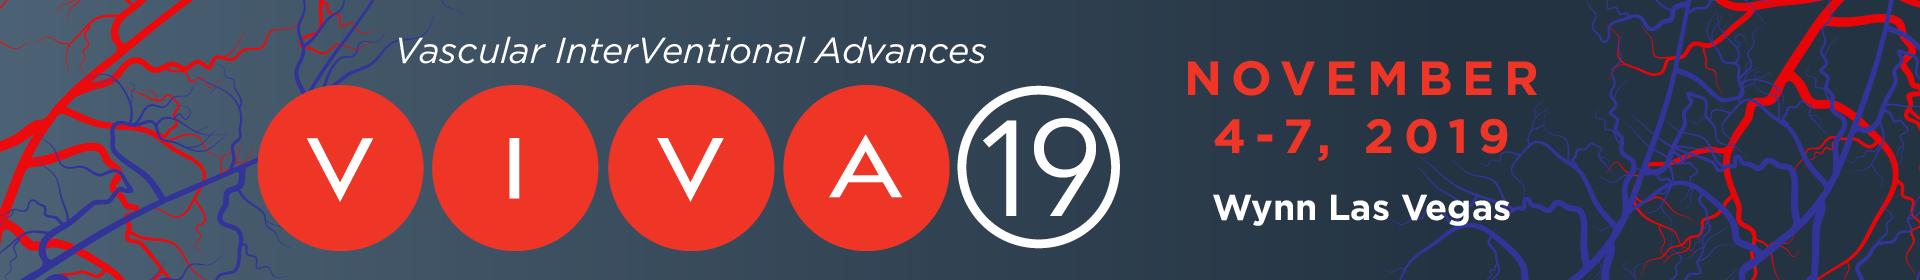 VIVA 2019 Event Banner